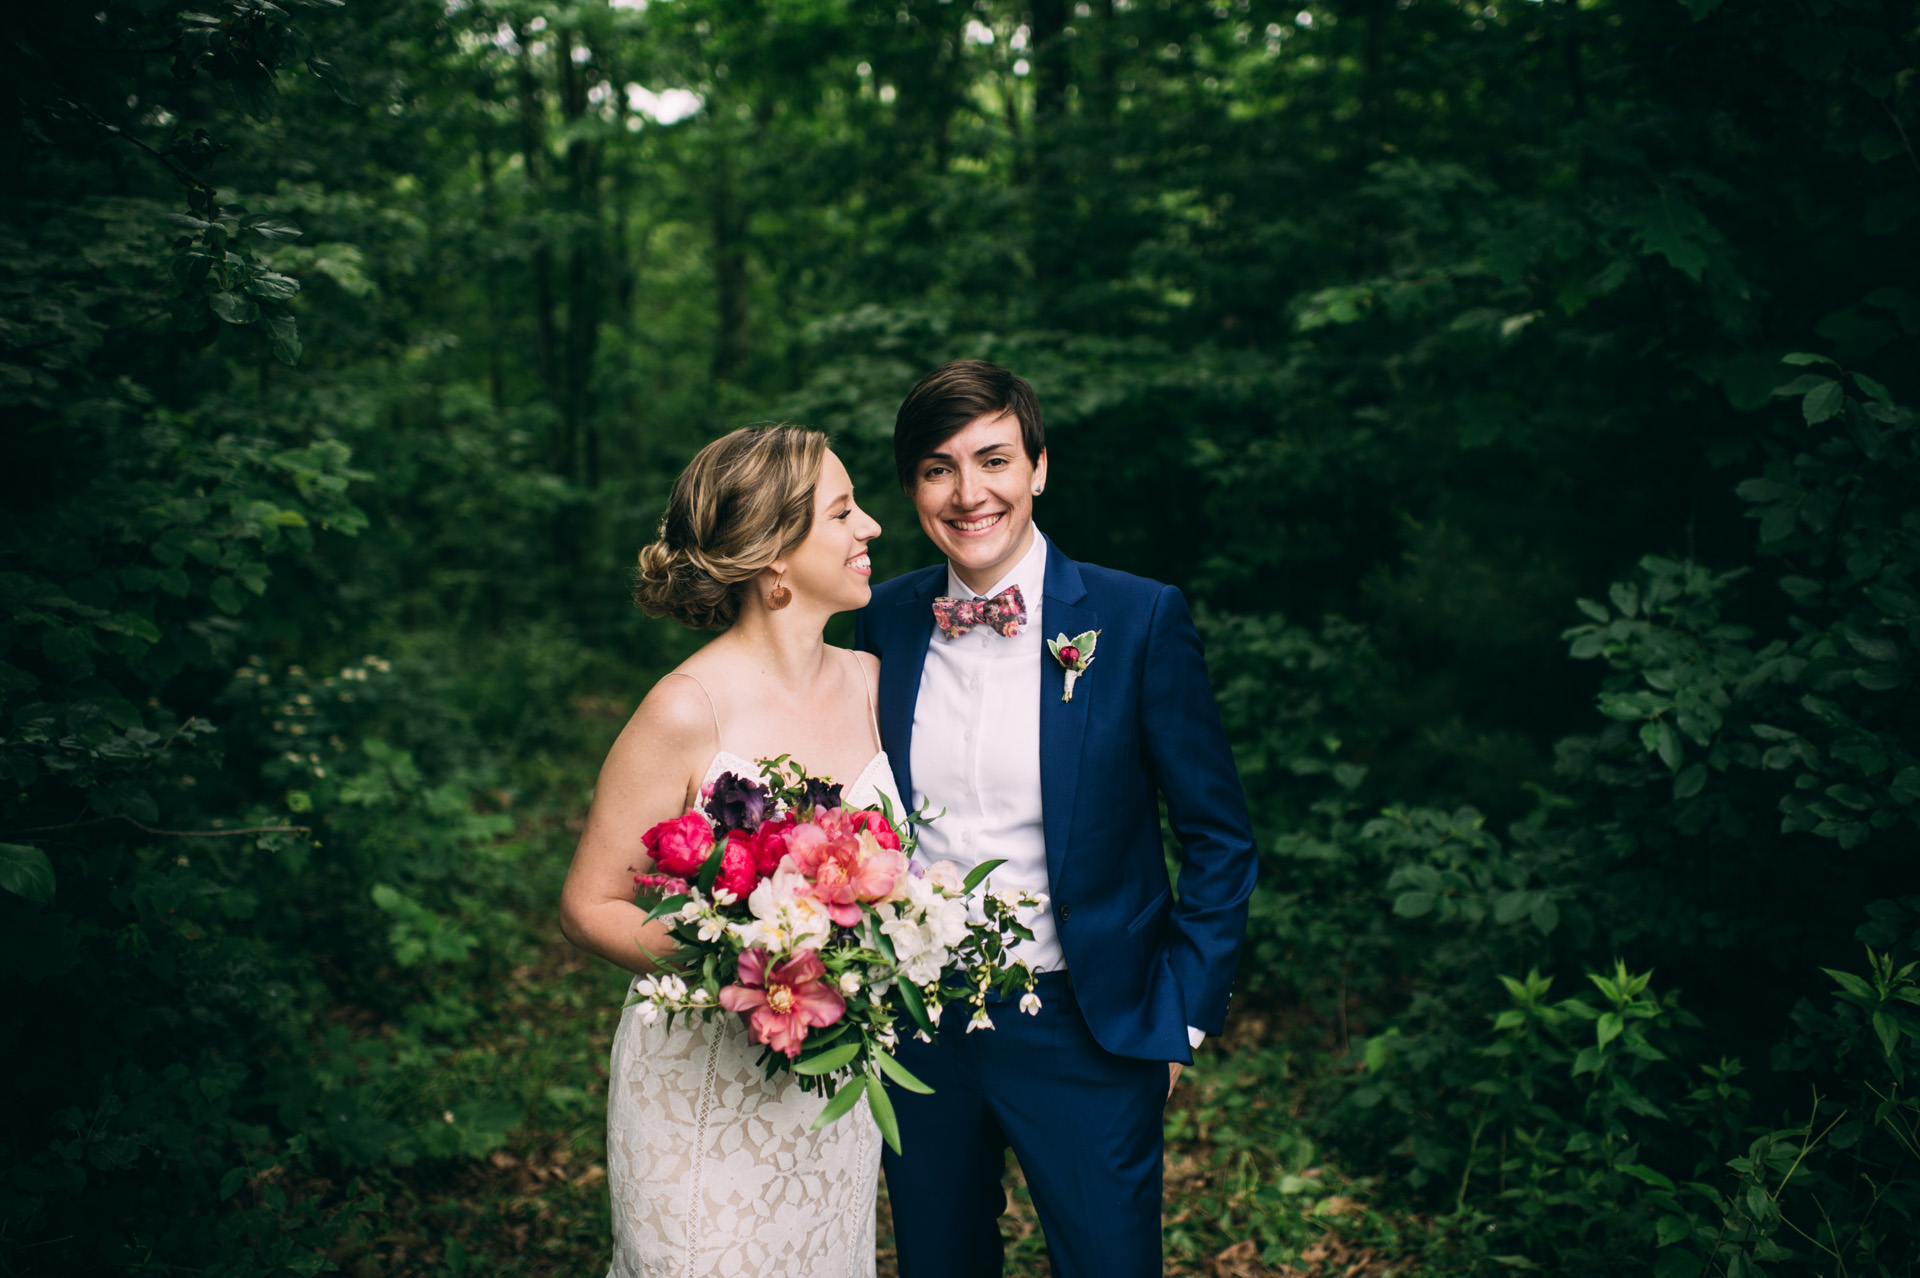 broadturn-farm-wedding-18